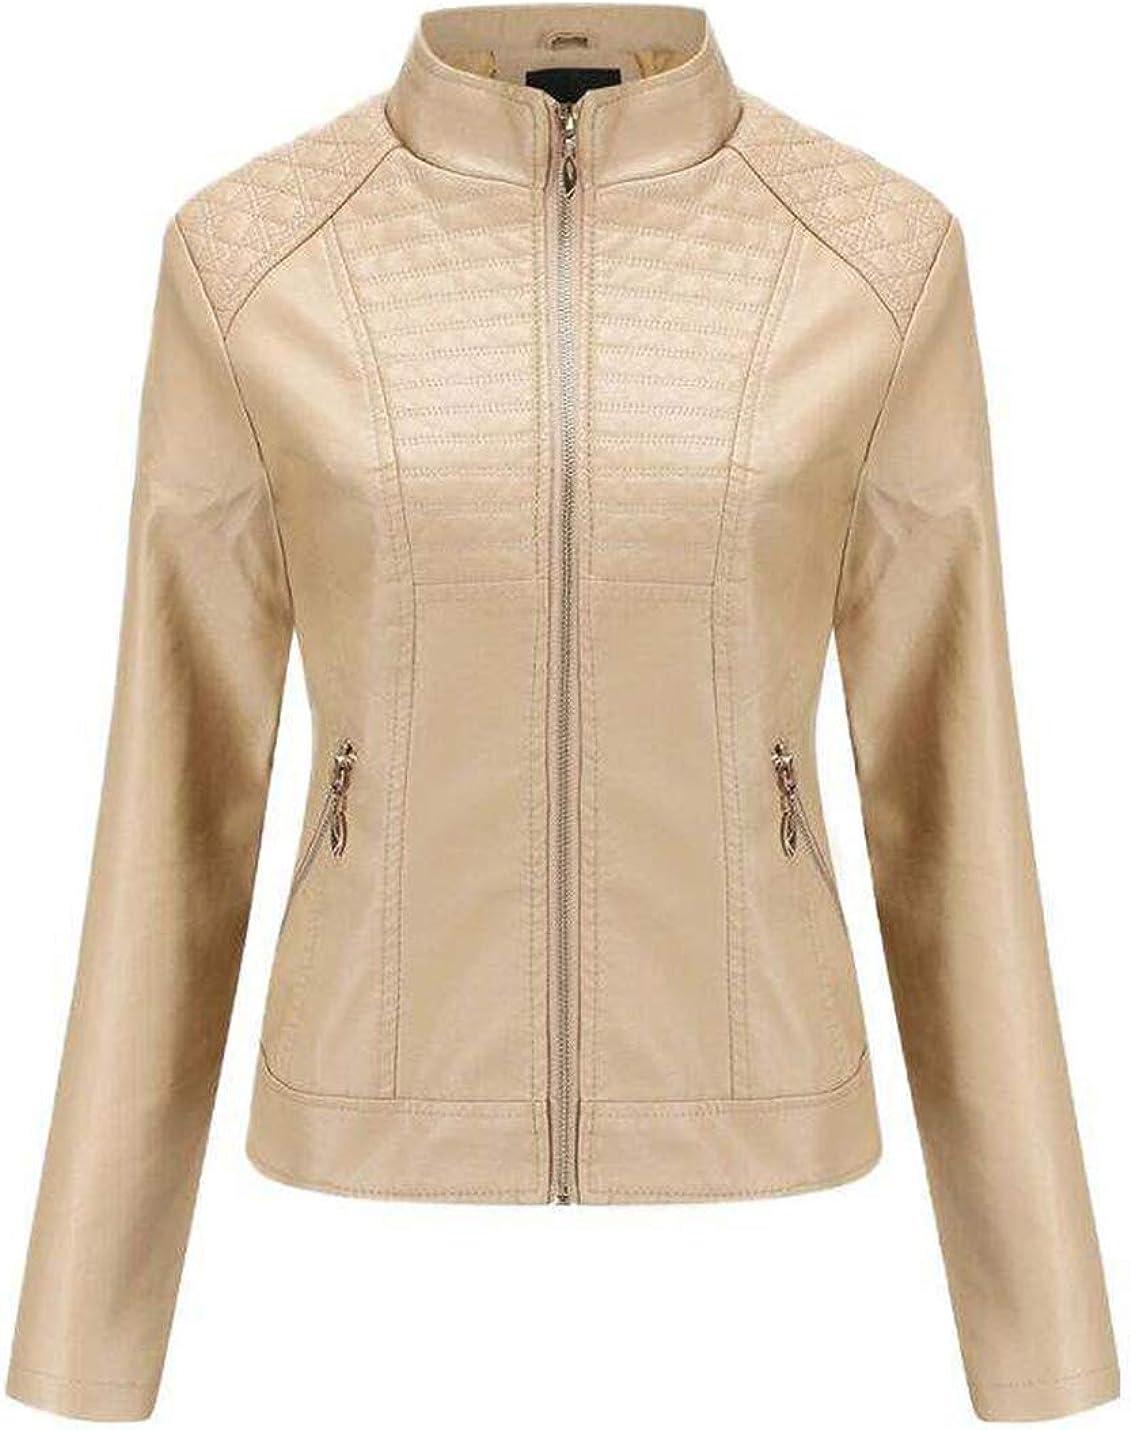 Yimoon Women's Slim Fit Faux Leather Jacket PU Moto Biker Zipper Jacket